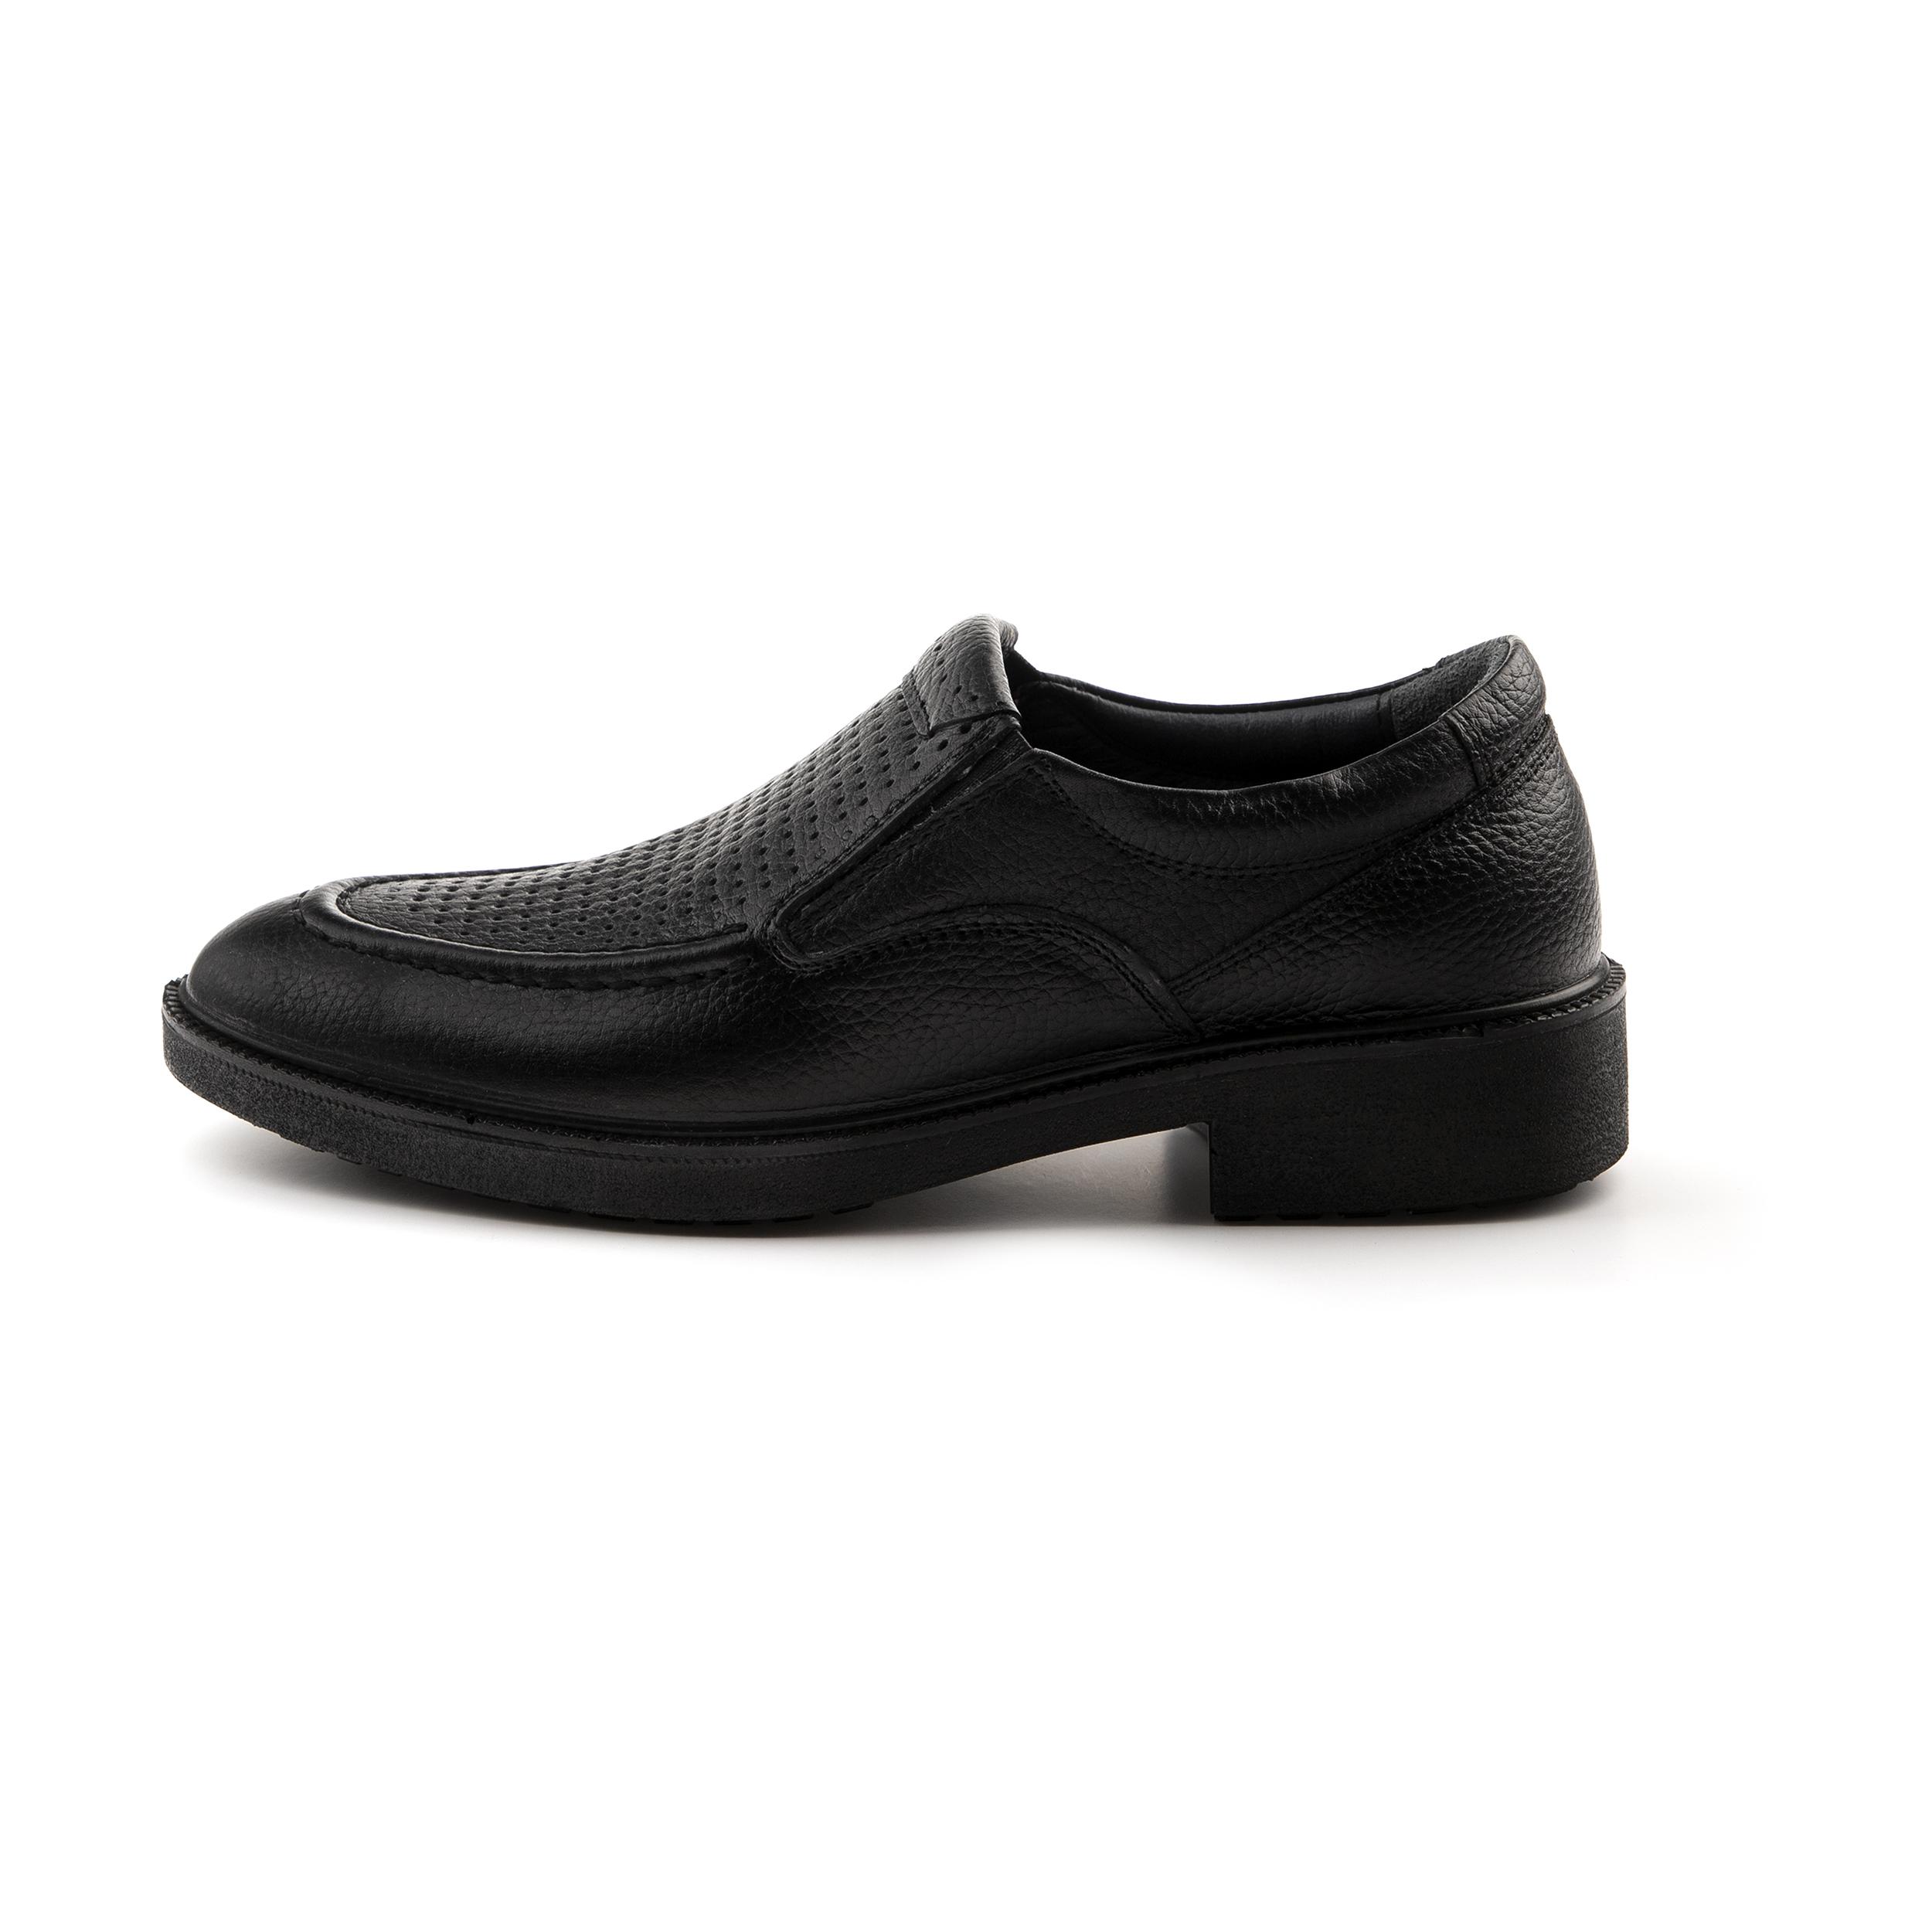 کفش مردانه شیفر مدل 7312f503101101